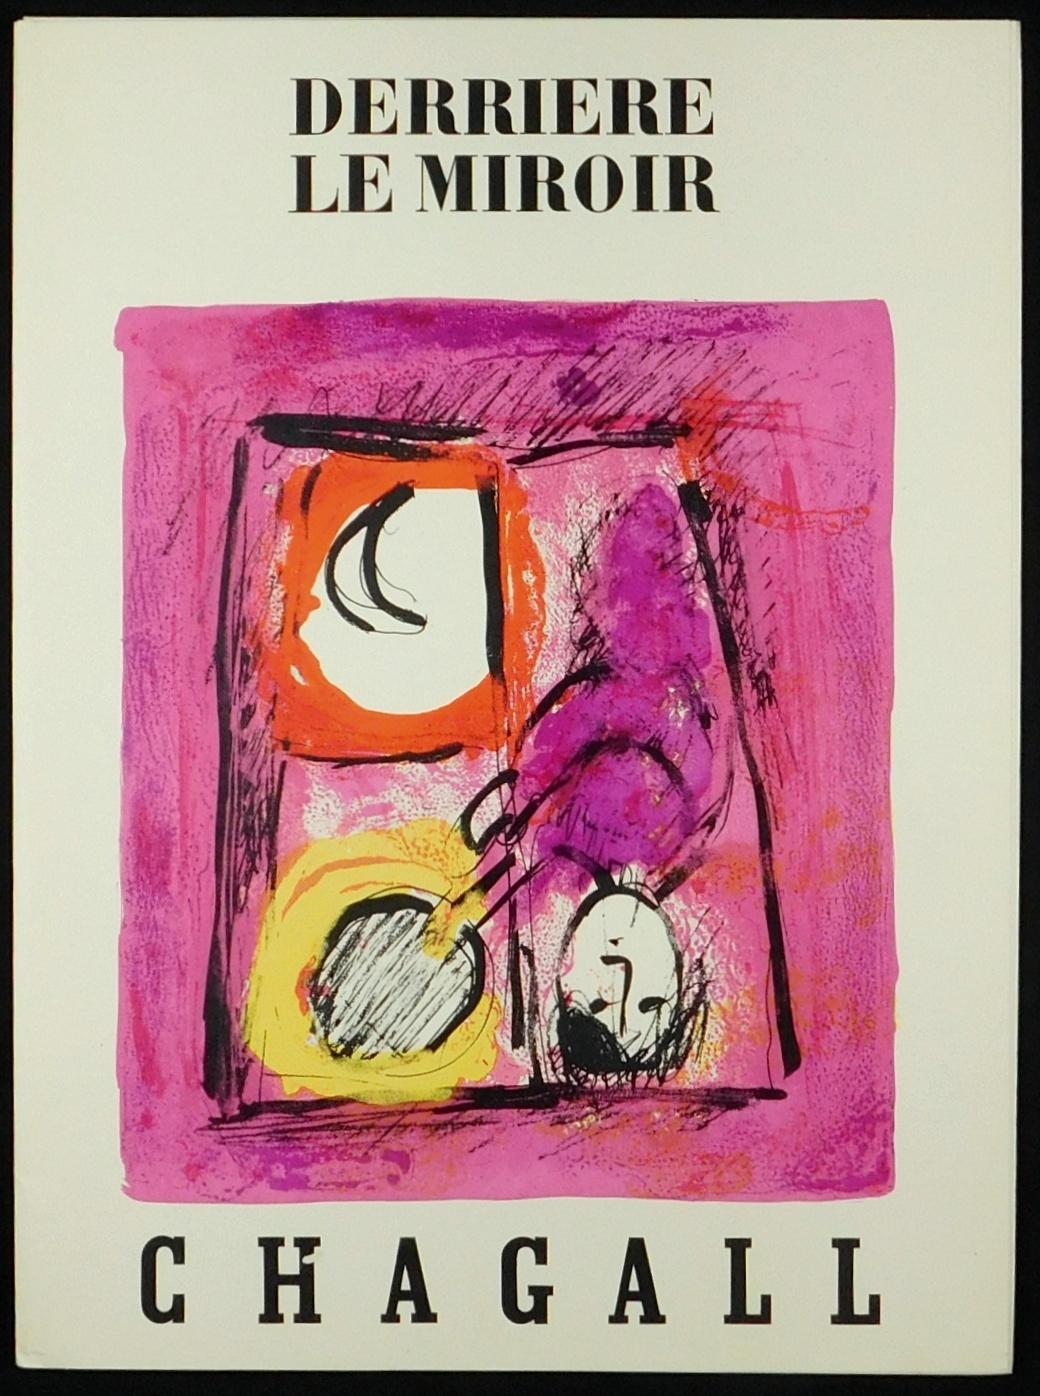 Derriere le miroir von chagall zvab for Marc chagall derriere le miroir